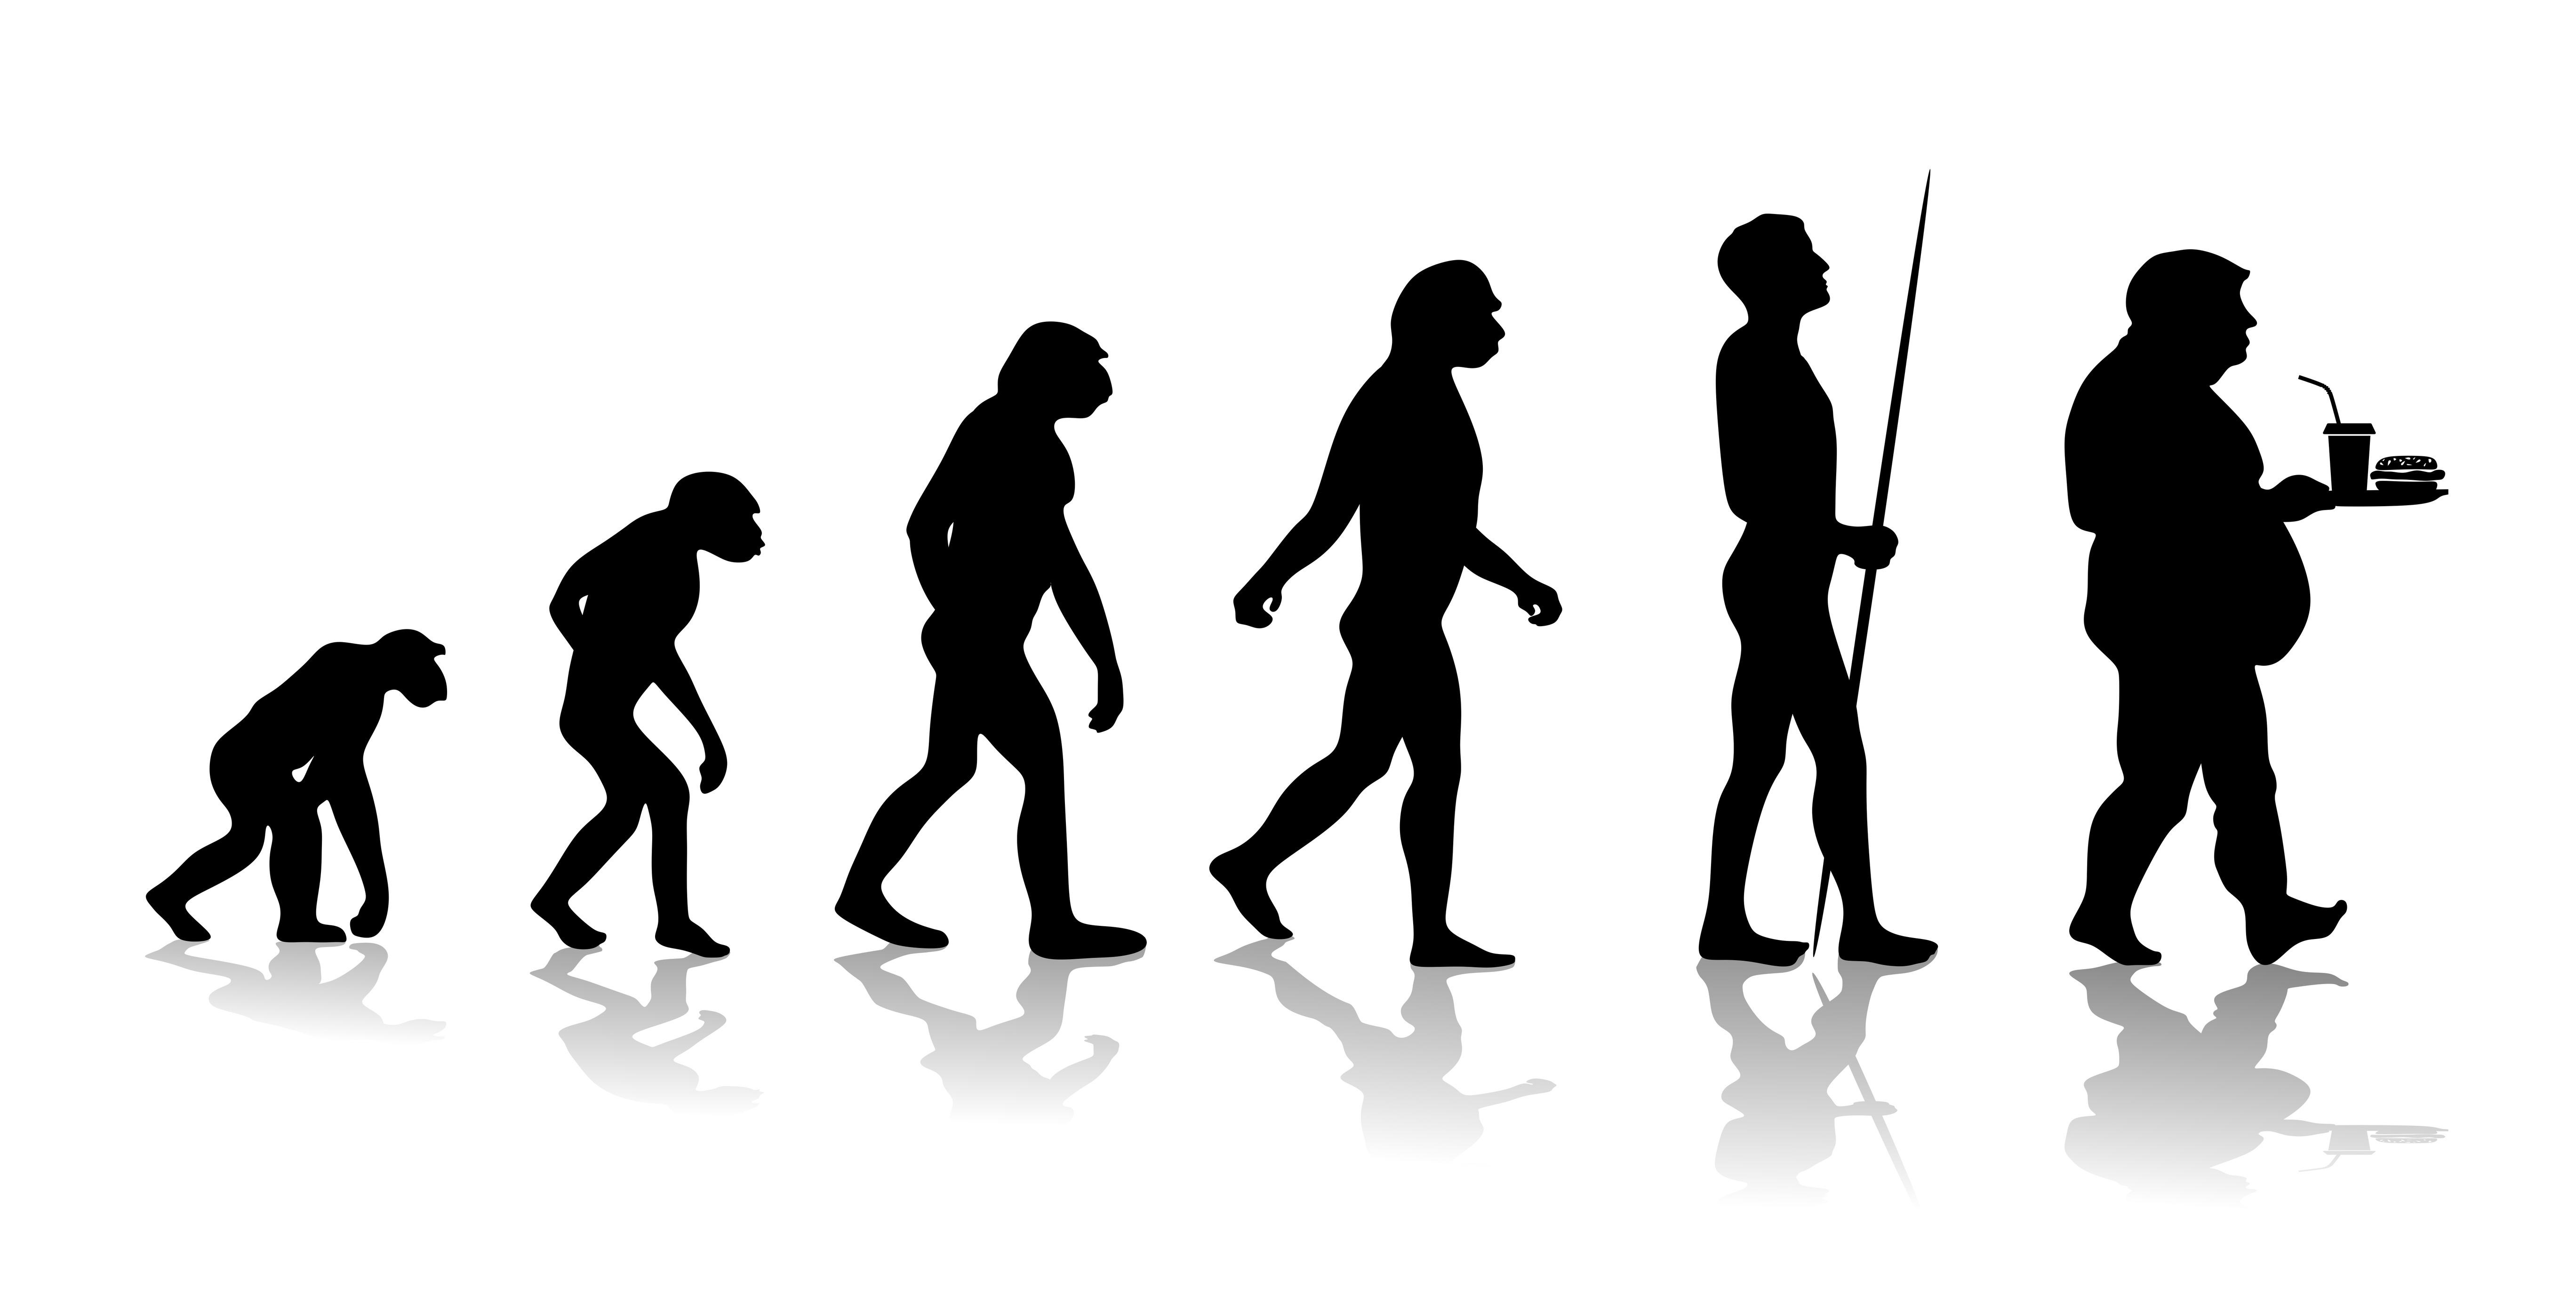 In der Evolution sicherte eine Fettschicht das Überleben (Fiedels/ fotolia.com)